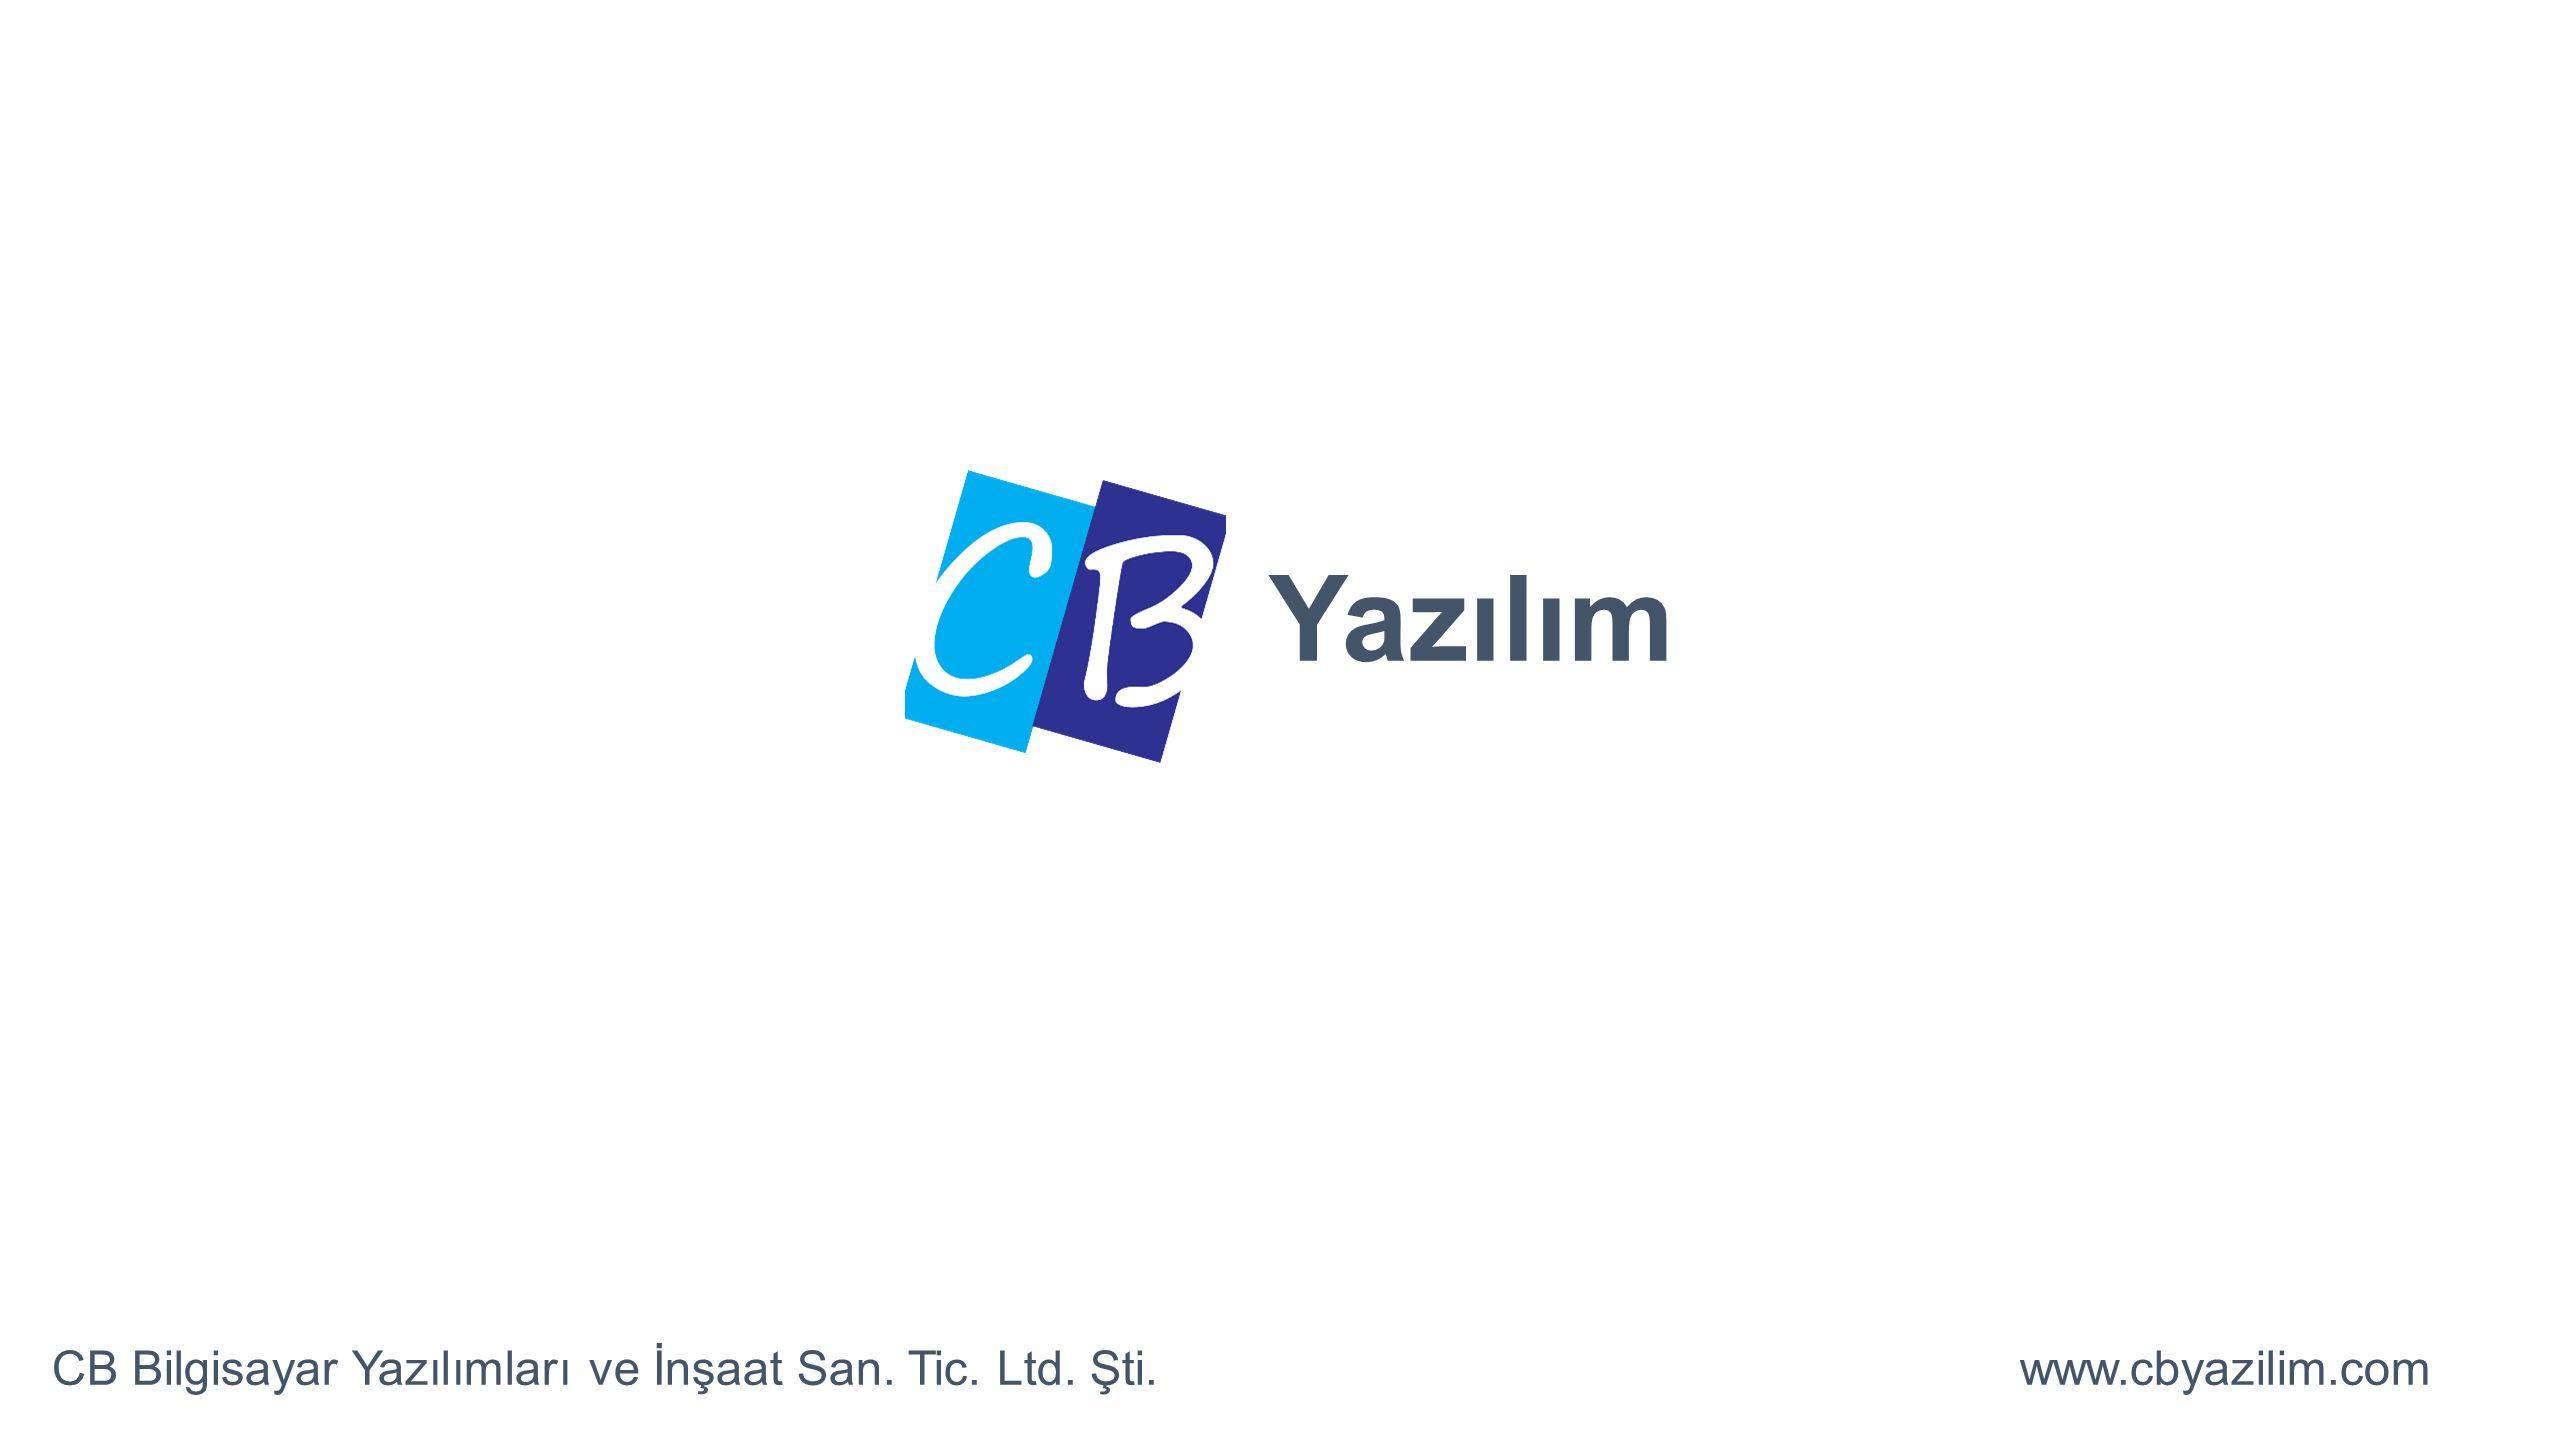 Yazılım CB Bilgisayar Yazılımları ve İnşaat San. Tic. Ltd. Şti.www.cbyazilim.com